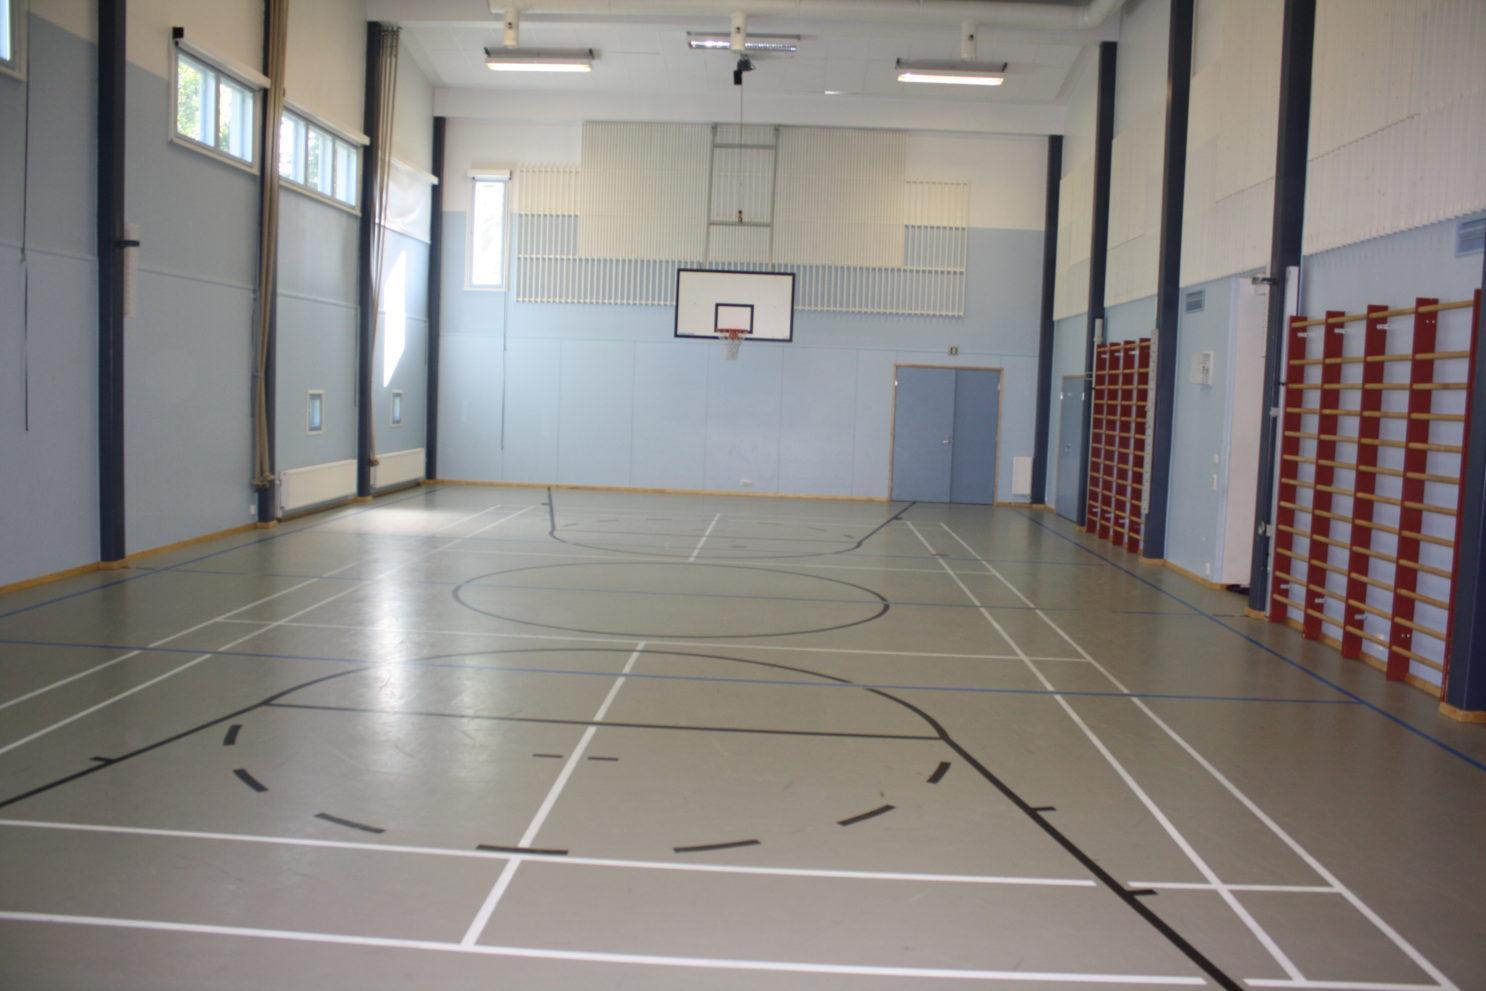 Valkjärven koulun sali